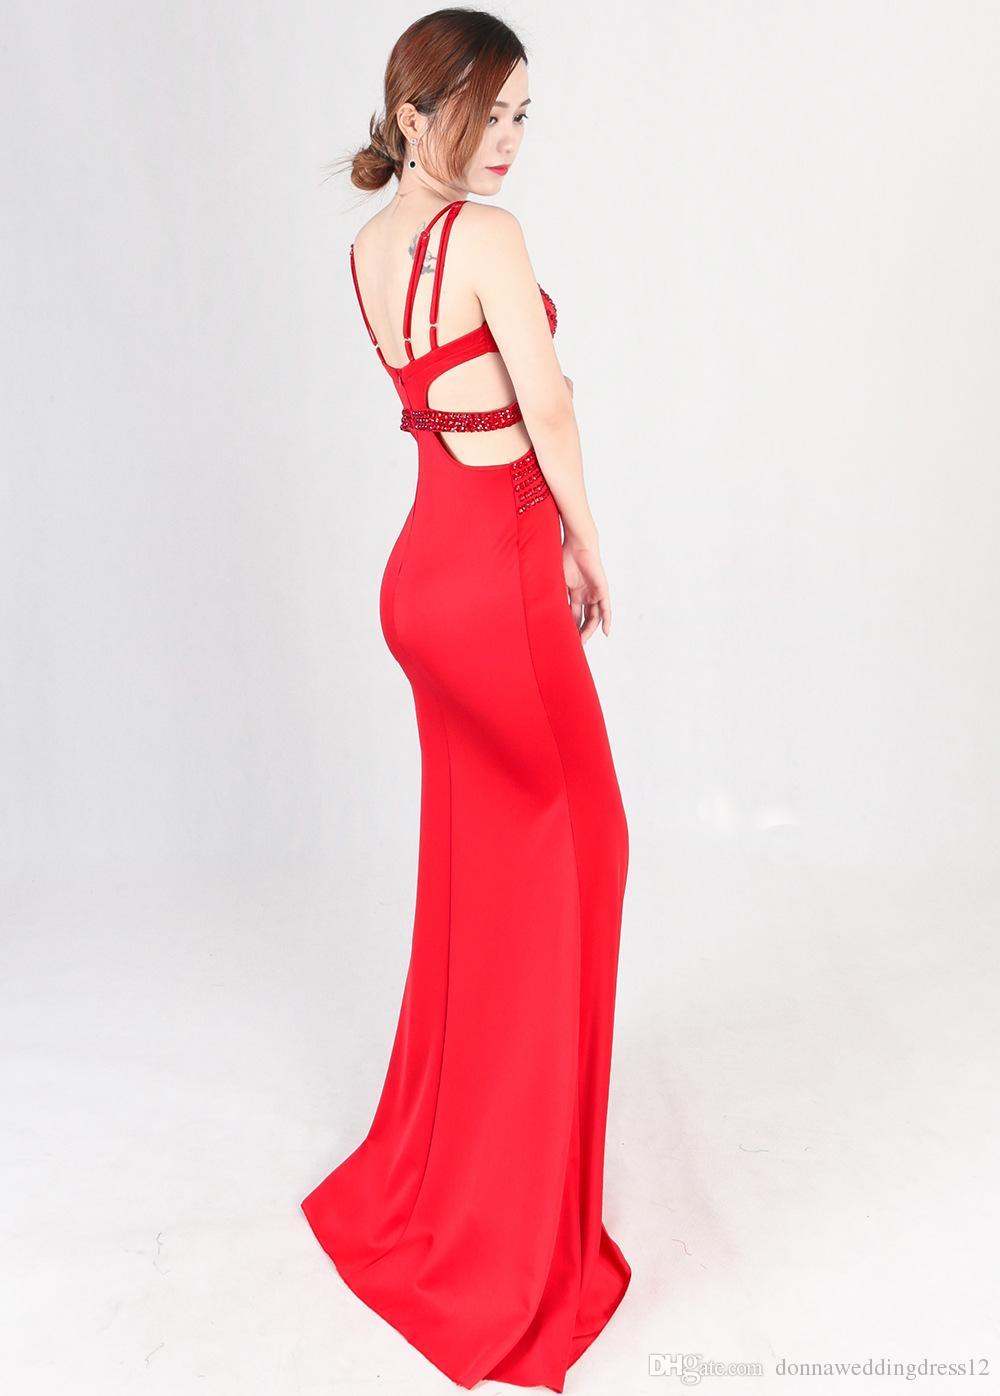 2018 Sexy Fashion Blau / Rot / Schwarz Perlen Lange Prom Kleider Aushöhlen Riemen Backless Abendkleider Formale Party Kleid Maxi Kleid Vestioids